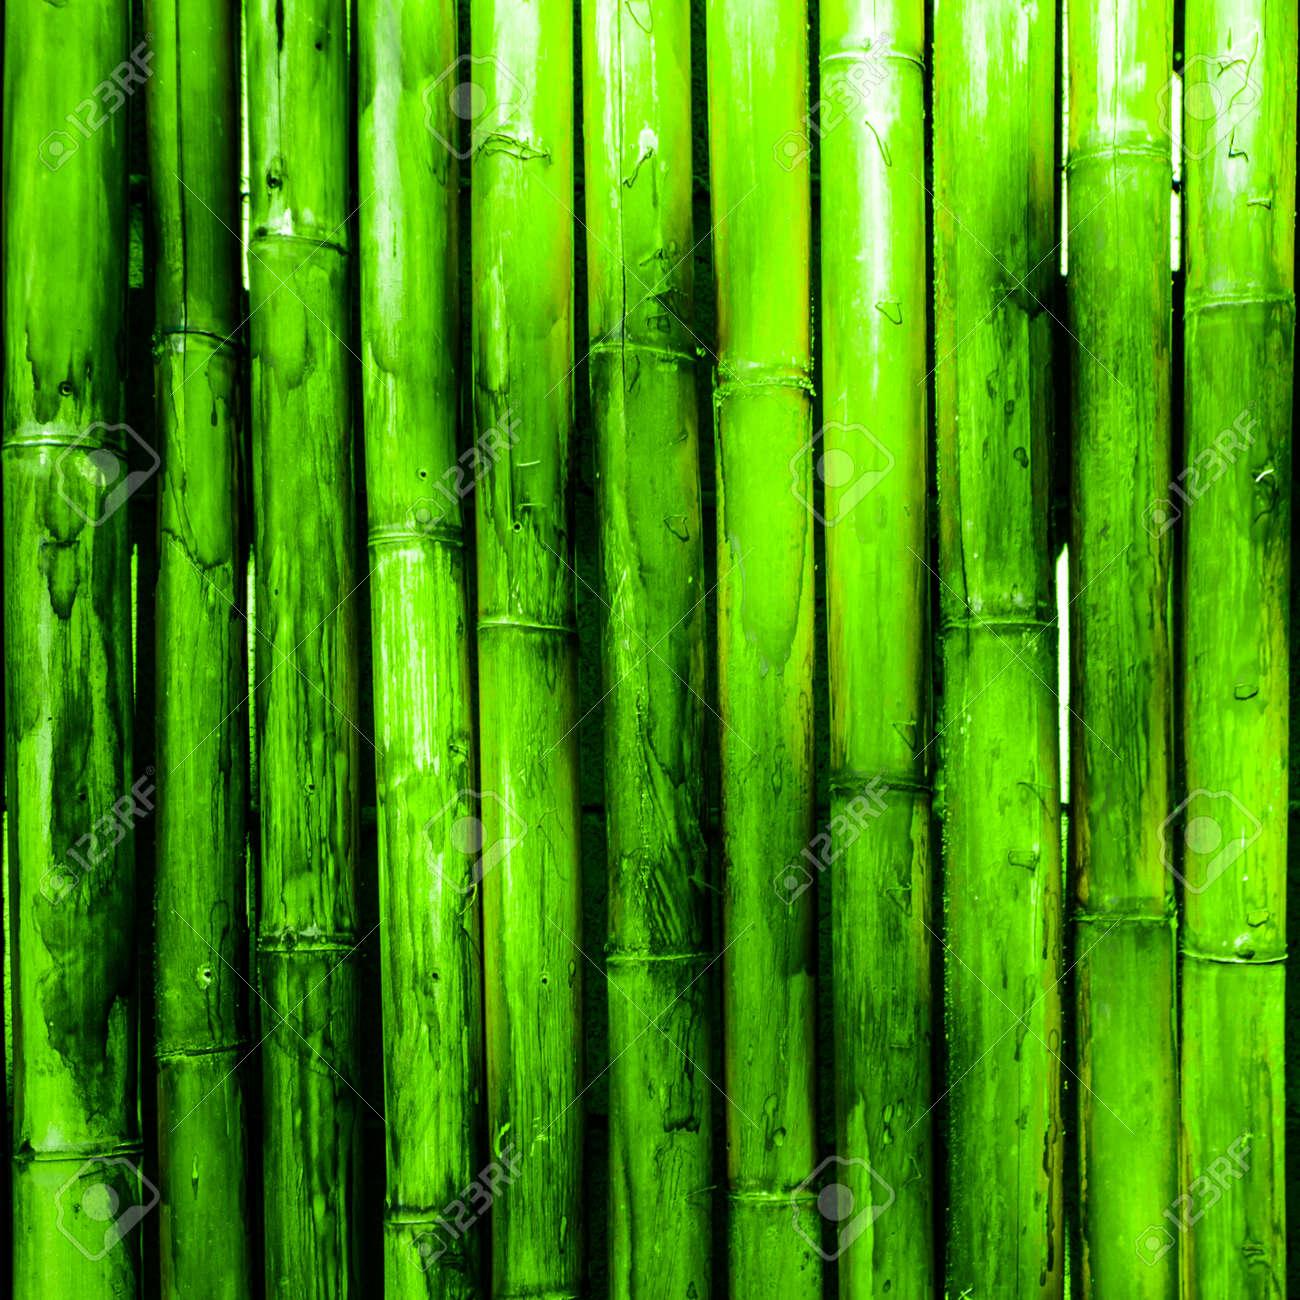 Immagini Stock Muro Di Bambù Sfondo Verde Natura Image 38613009